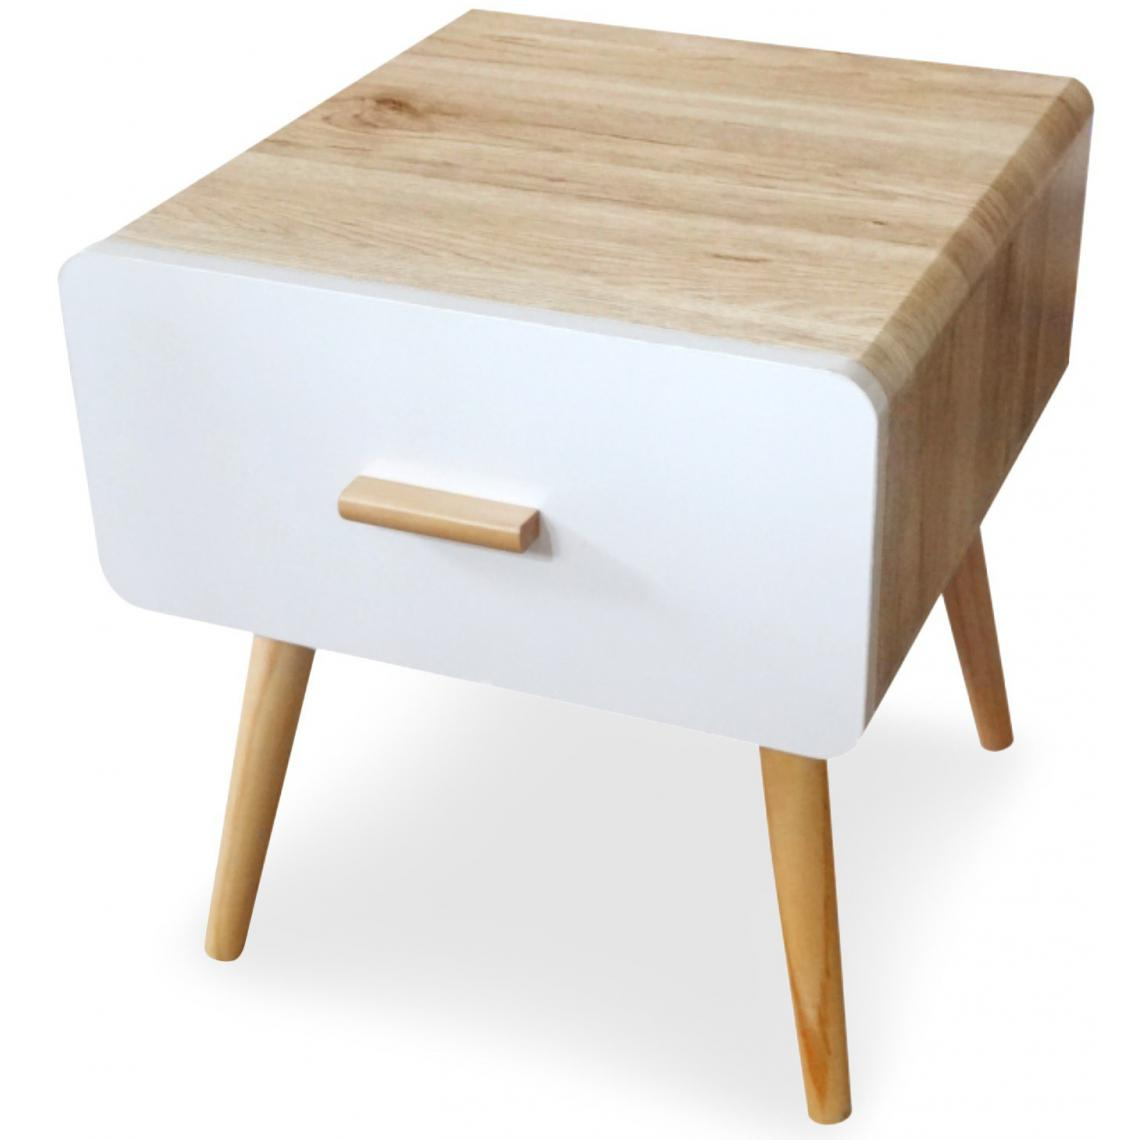 table de chevet blanche et bois fily 3 suisses. Black Bedroom Furniture Sets. Home Design Ideas